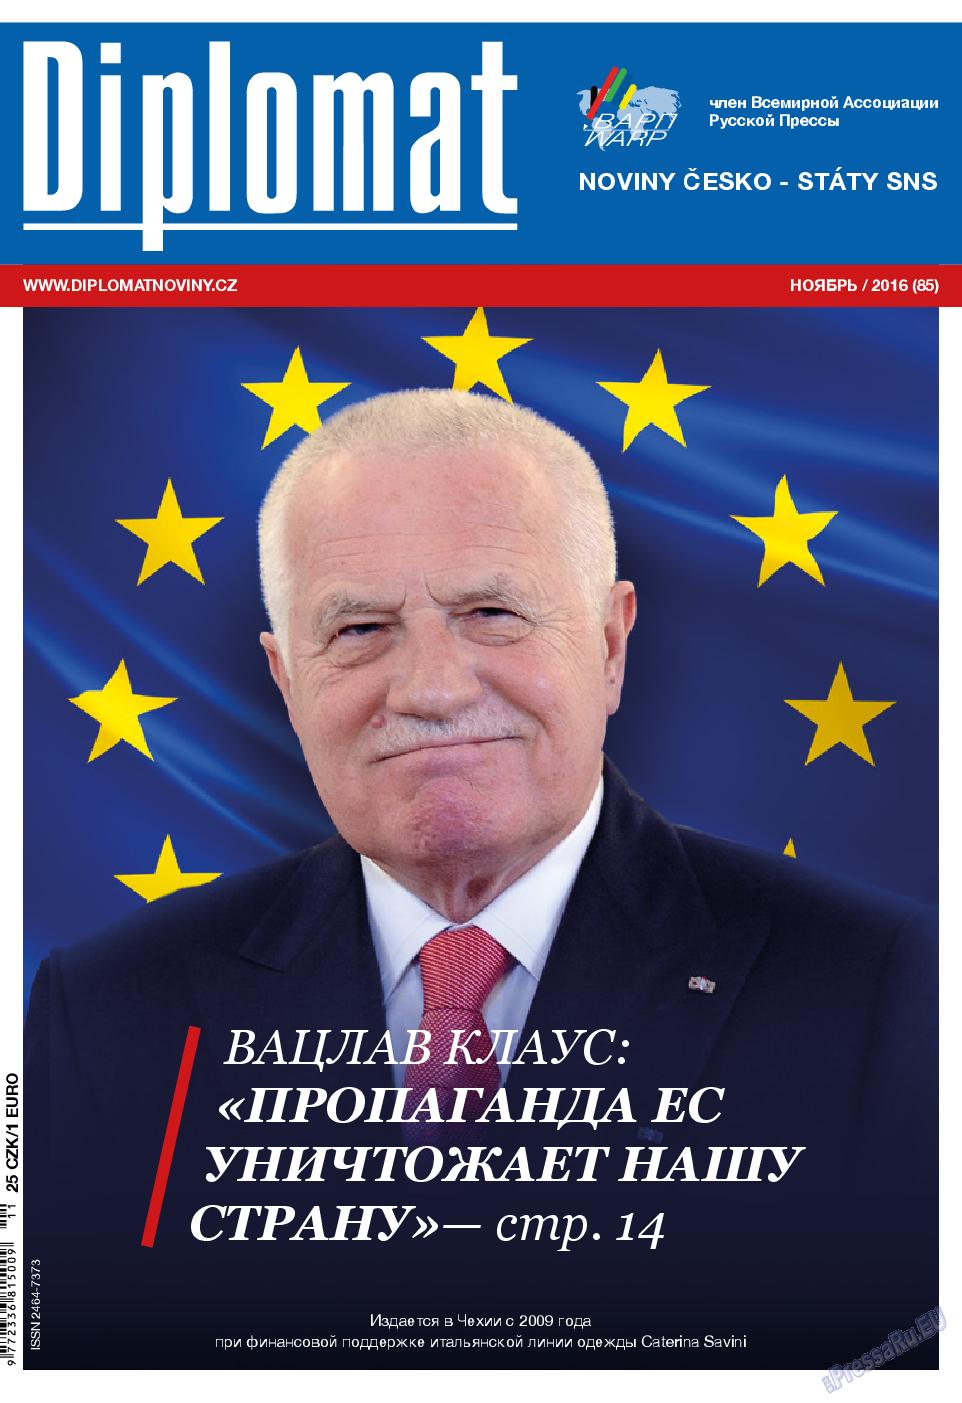 Diplomat (газета). 2016 год, номер 86, стр. 1